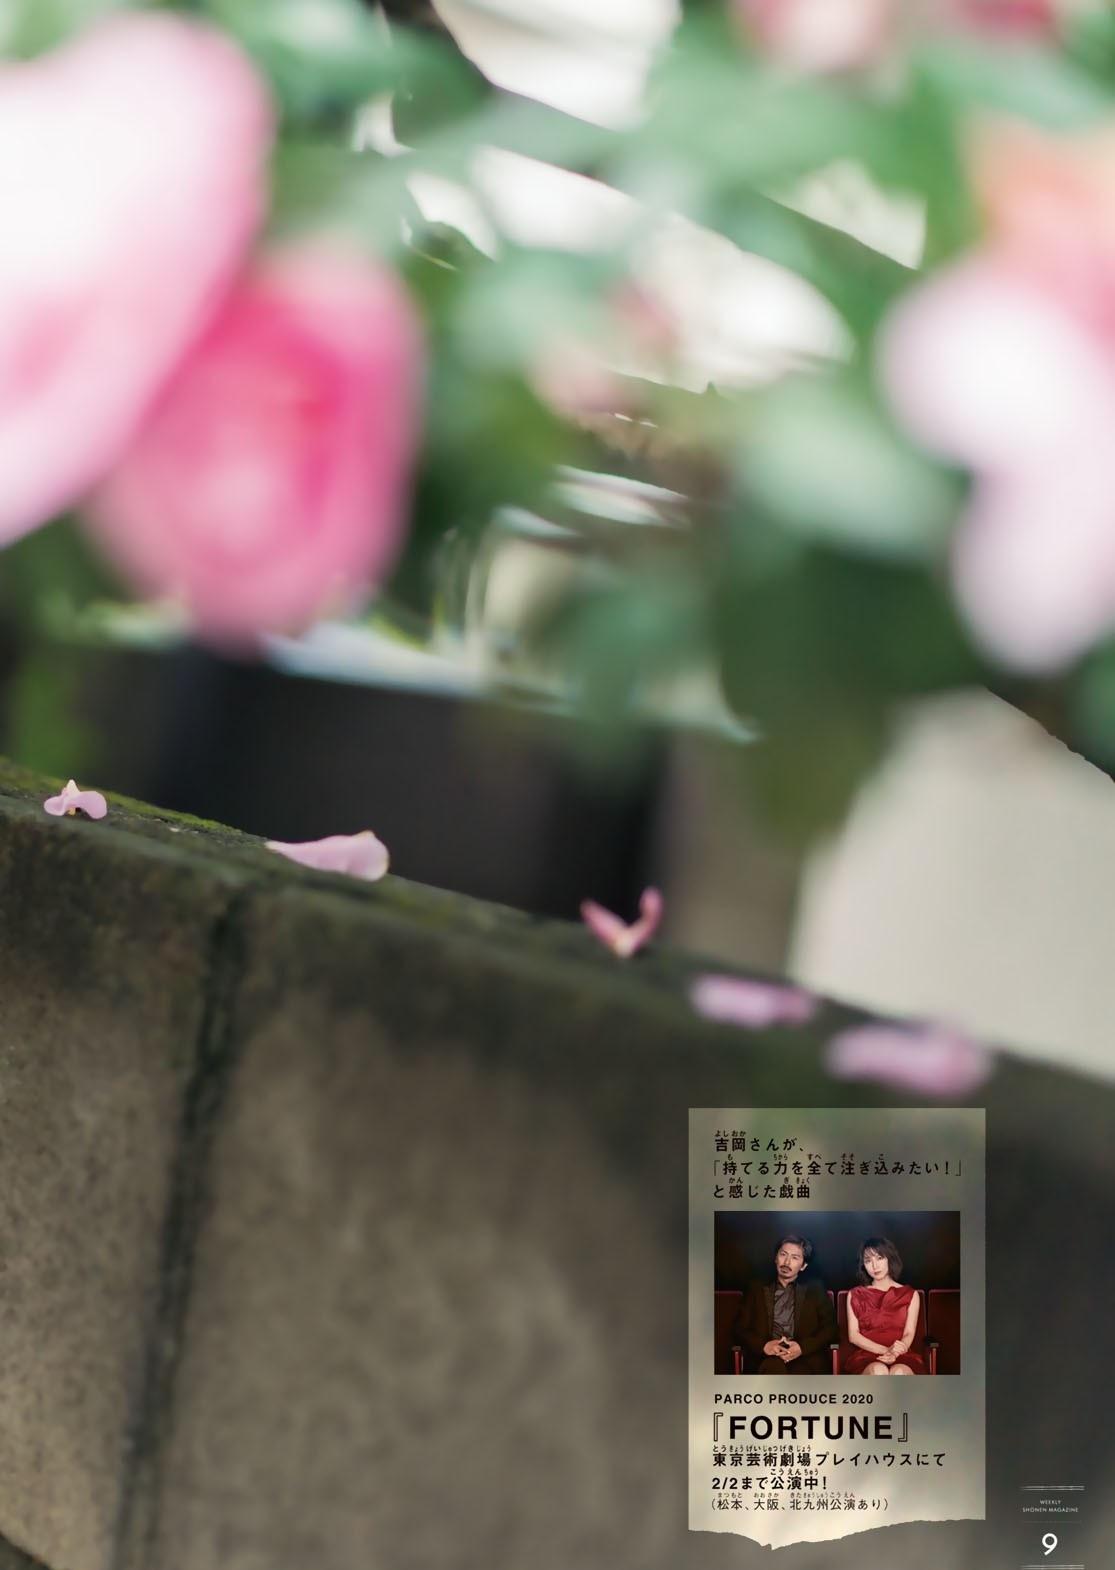 吉冈里帆不断以微性感写真作品协助宣传自己的演艺事业 (23)